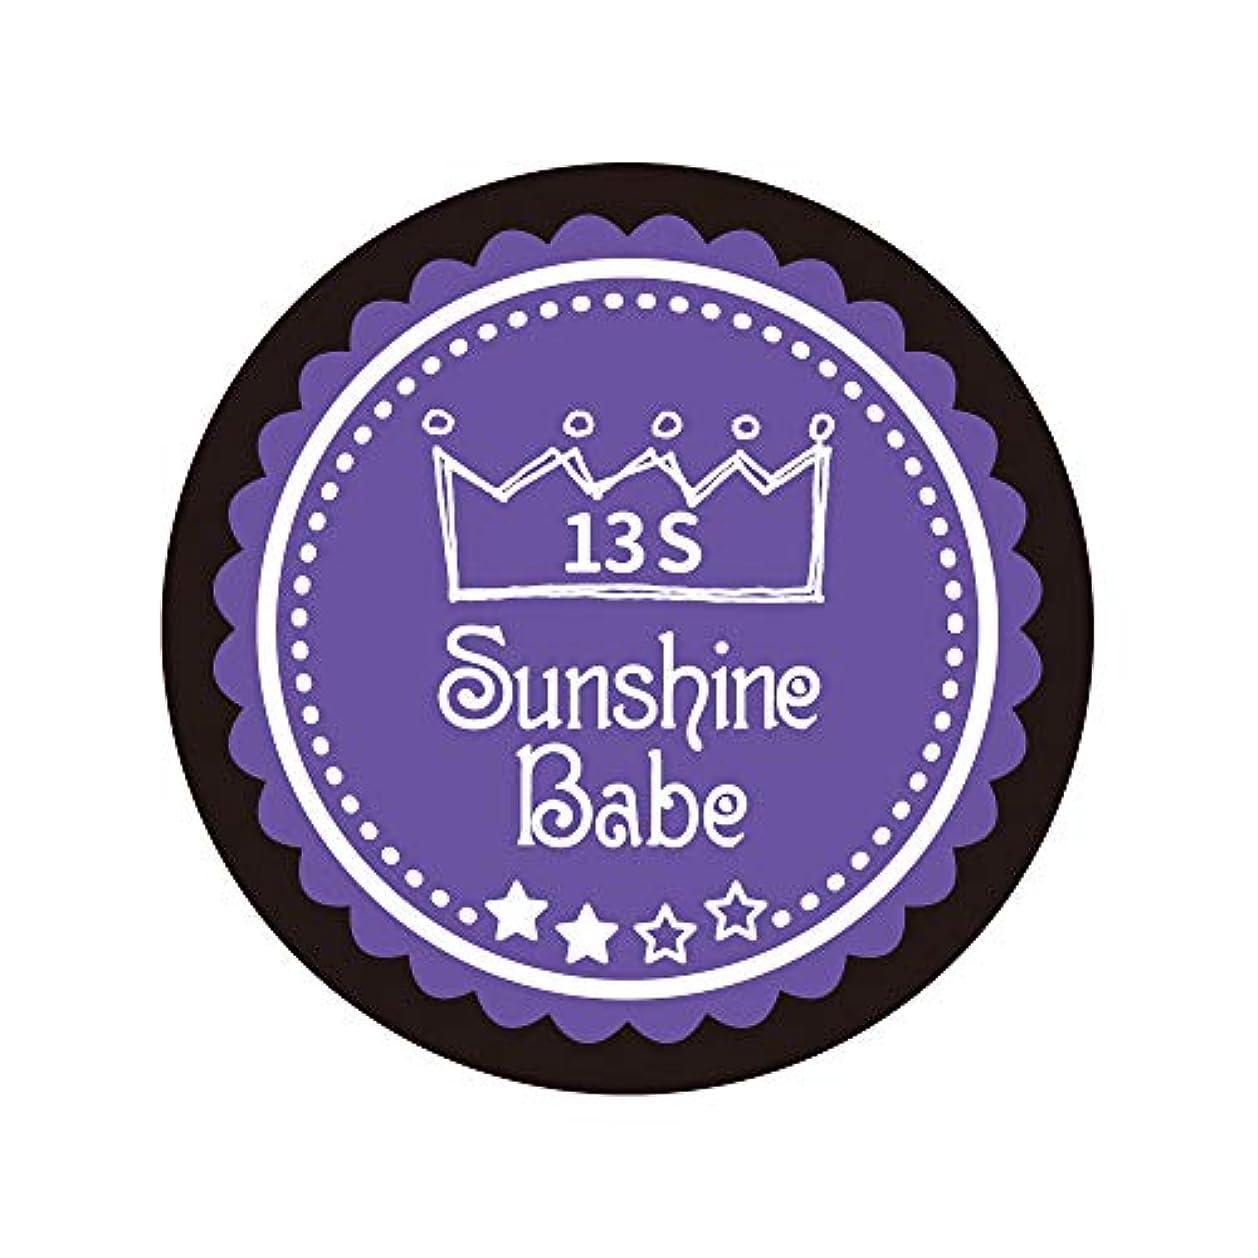 レタッチ反論者説明的Sunshine Babe カラージェル 13S ウルトラバイオレット 2.7g UV/LED対応